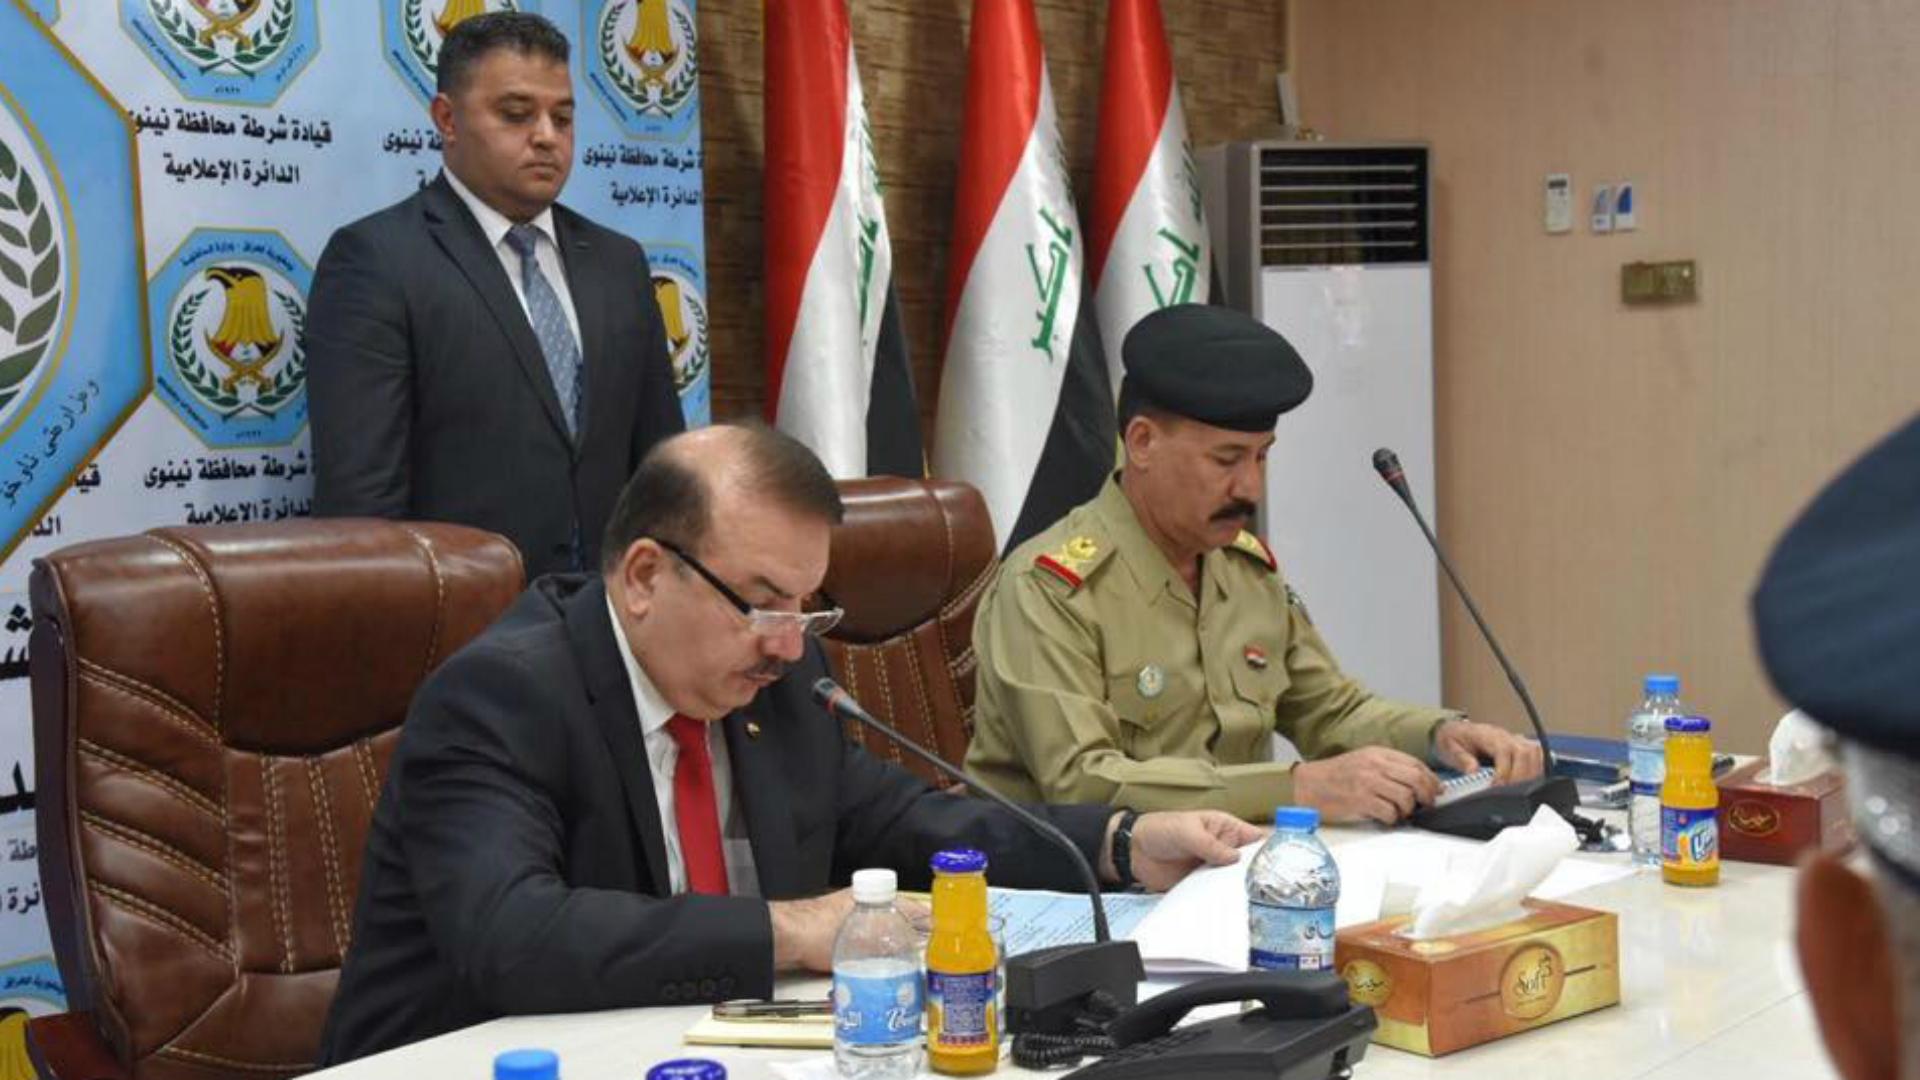 وزير الداخلية يعلن عن إعادة 13,000 منتسب مفصول إلى صفوف شرطة نينوى